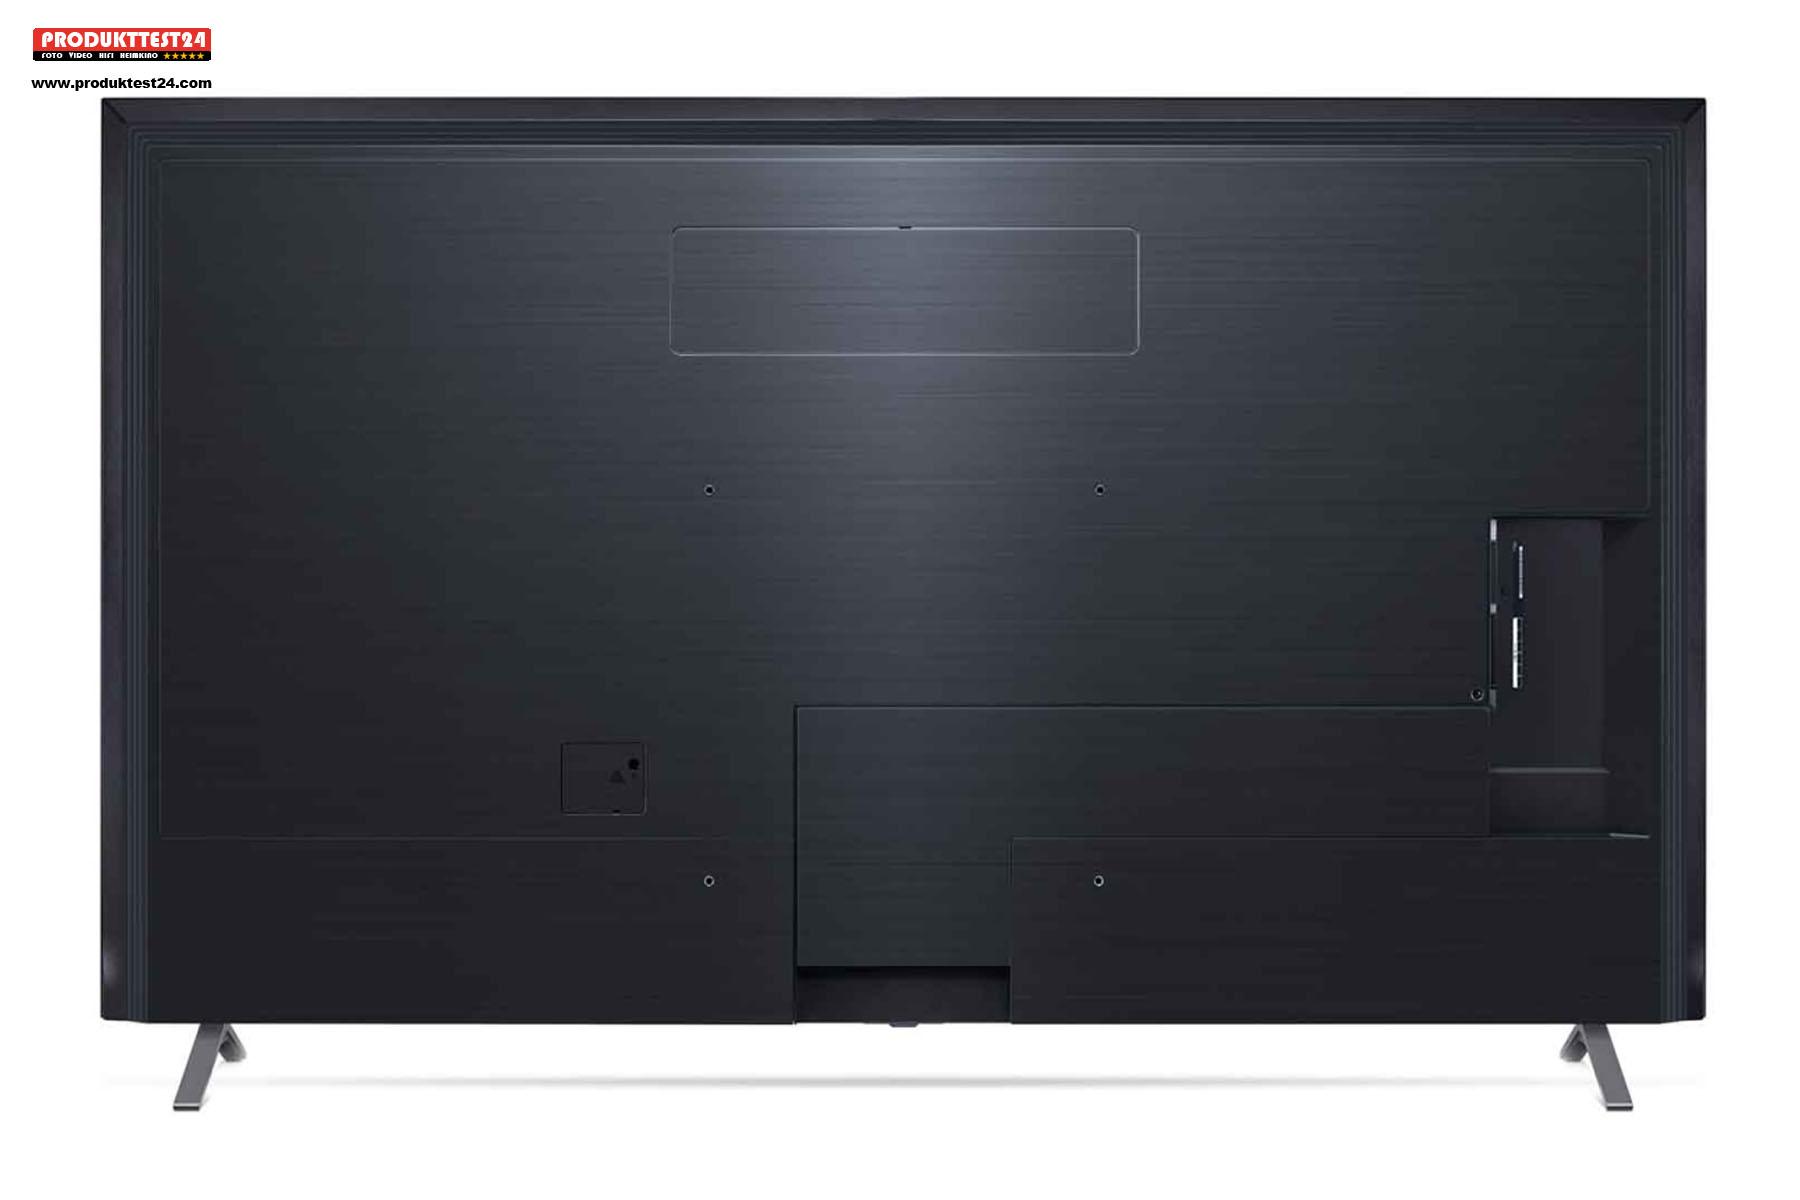 Die Rückseite ist schlicht gehalten., bietet aber Platz für viele Anschlüsse. 4x HDMI 2.1 und 3x USB Ports